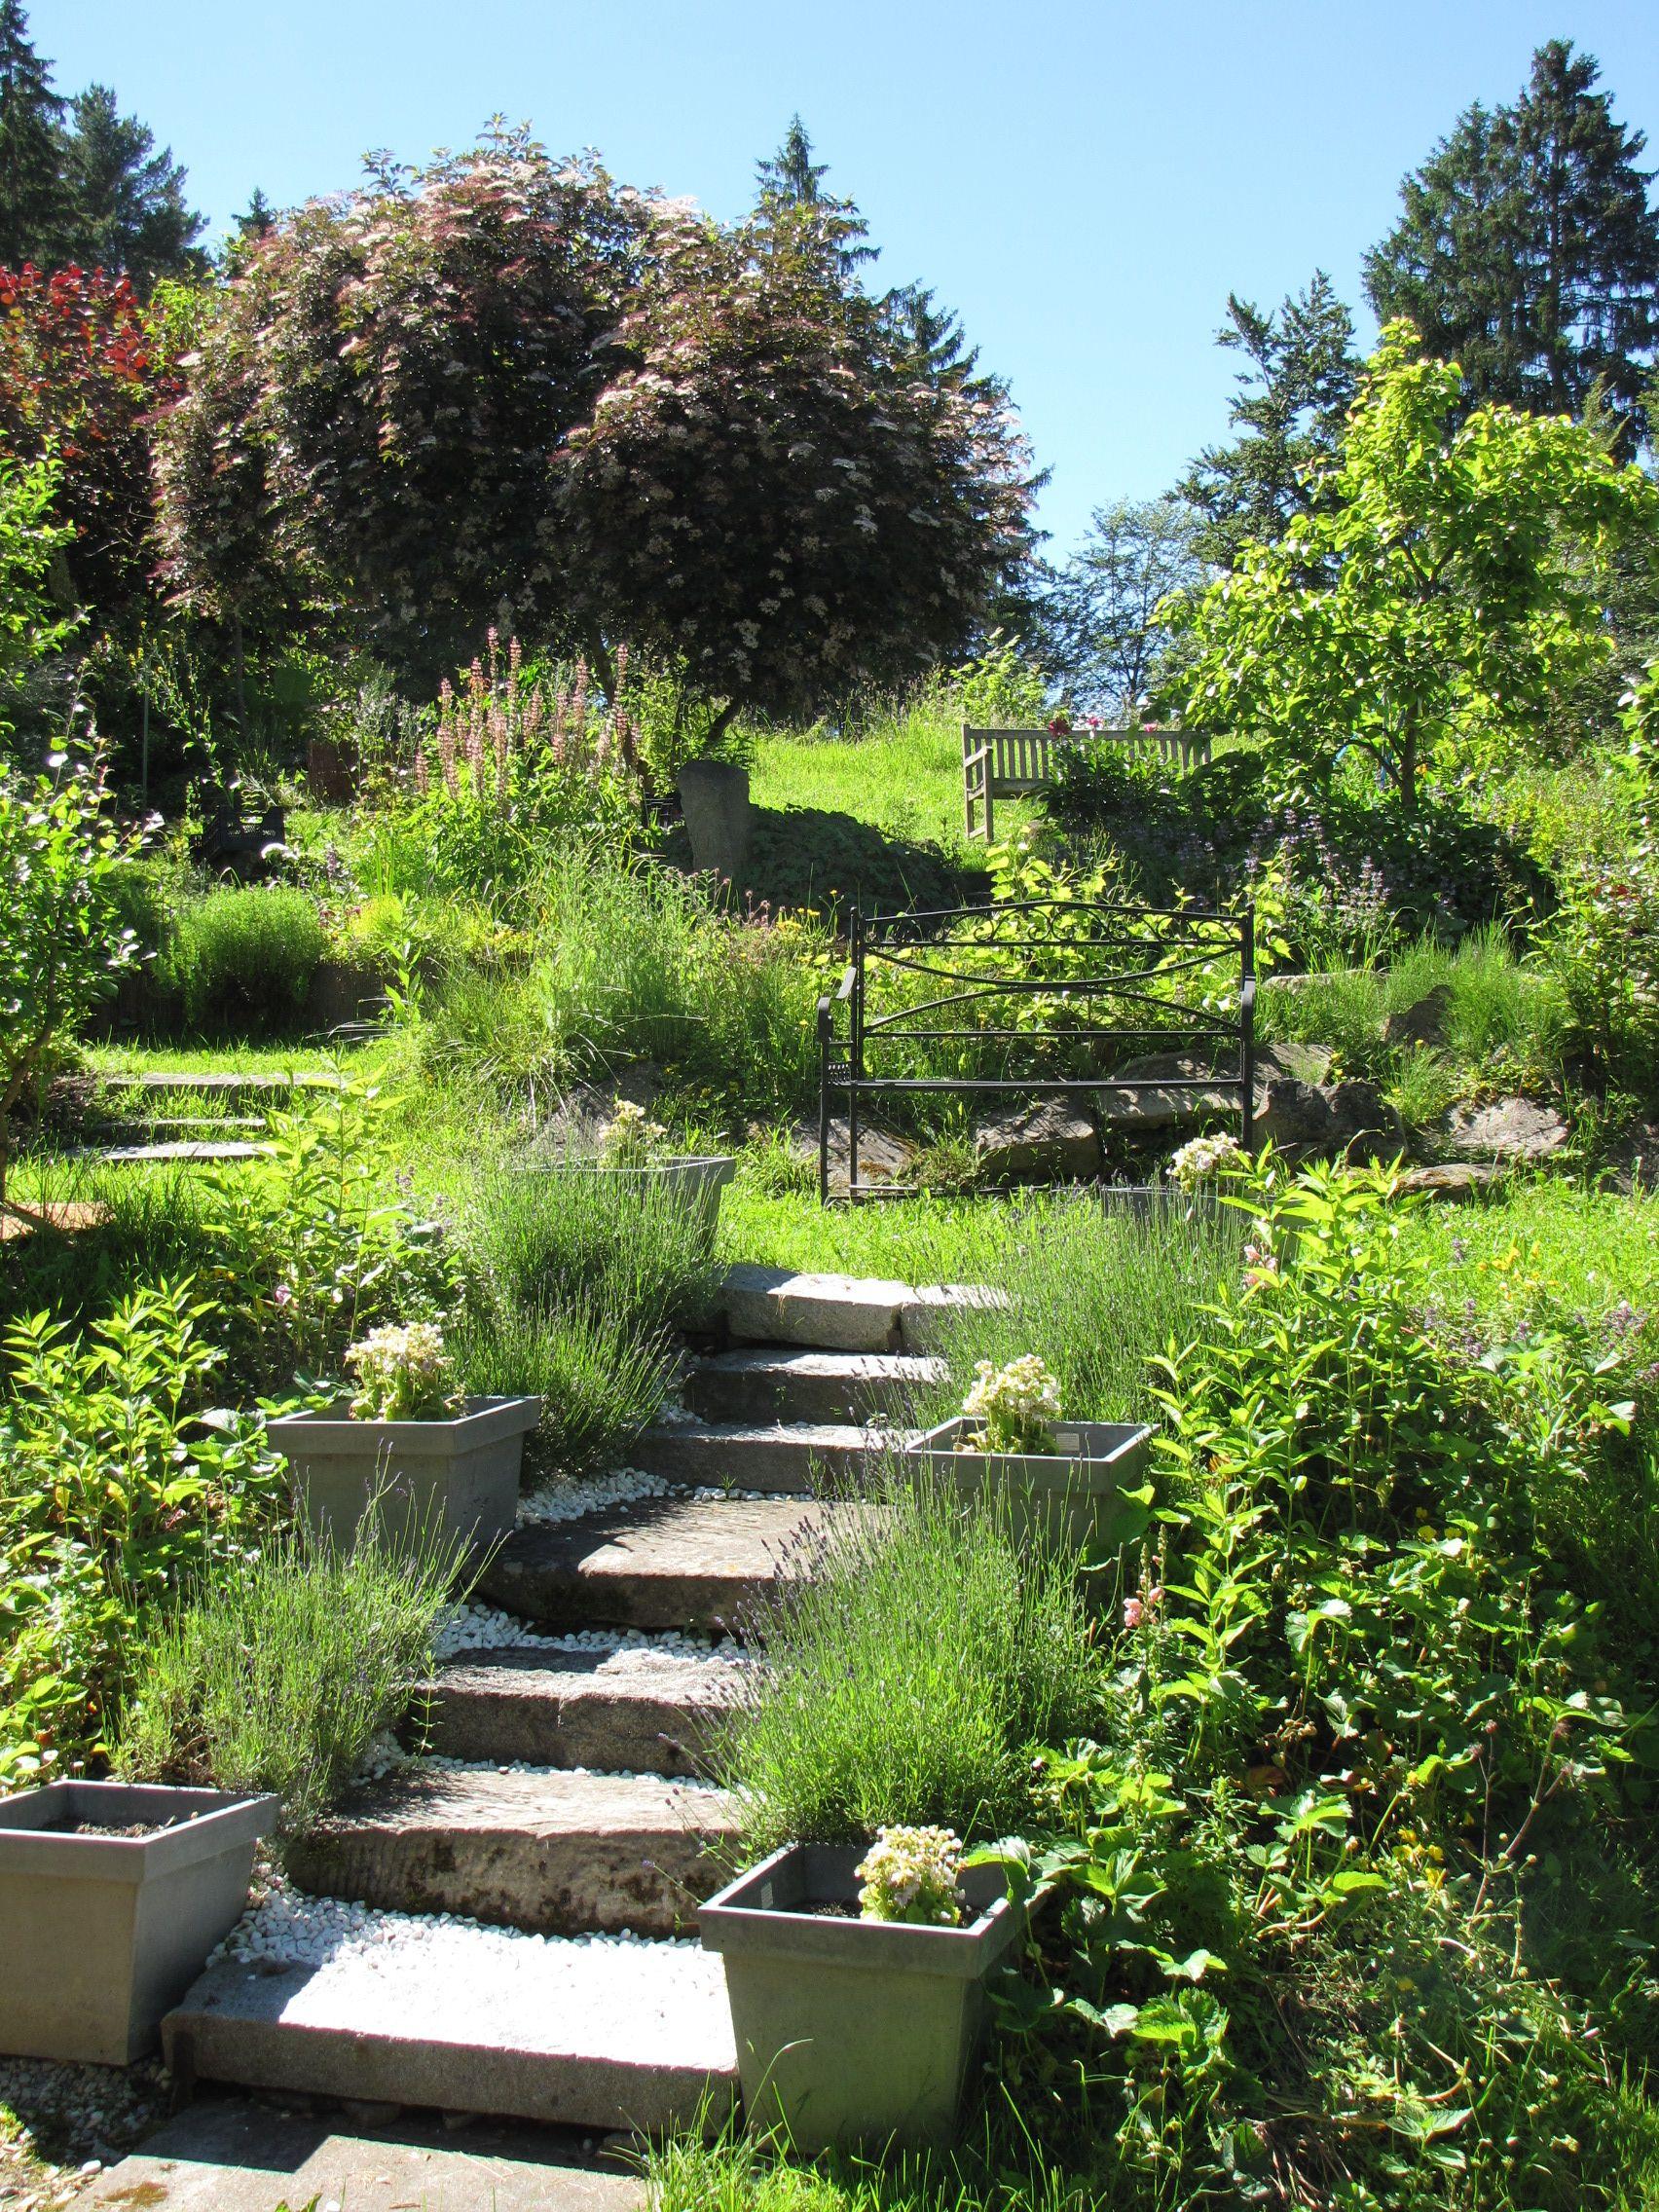 Paradiesgarten Maag Im Allgau Design Garten Von Sibylle K Maag Www Paradiesgarten Eu Garten Allgau Paradiesgarten Garten Paradies Bilder